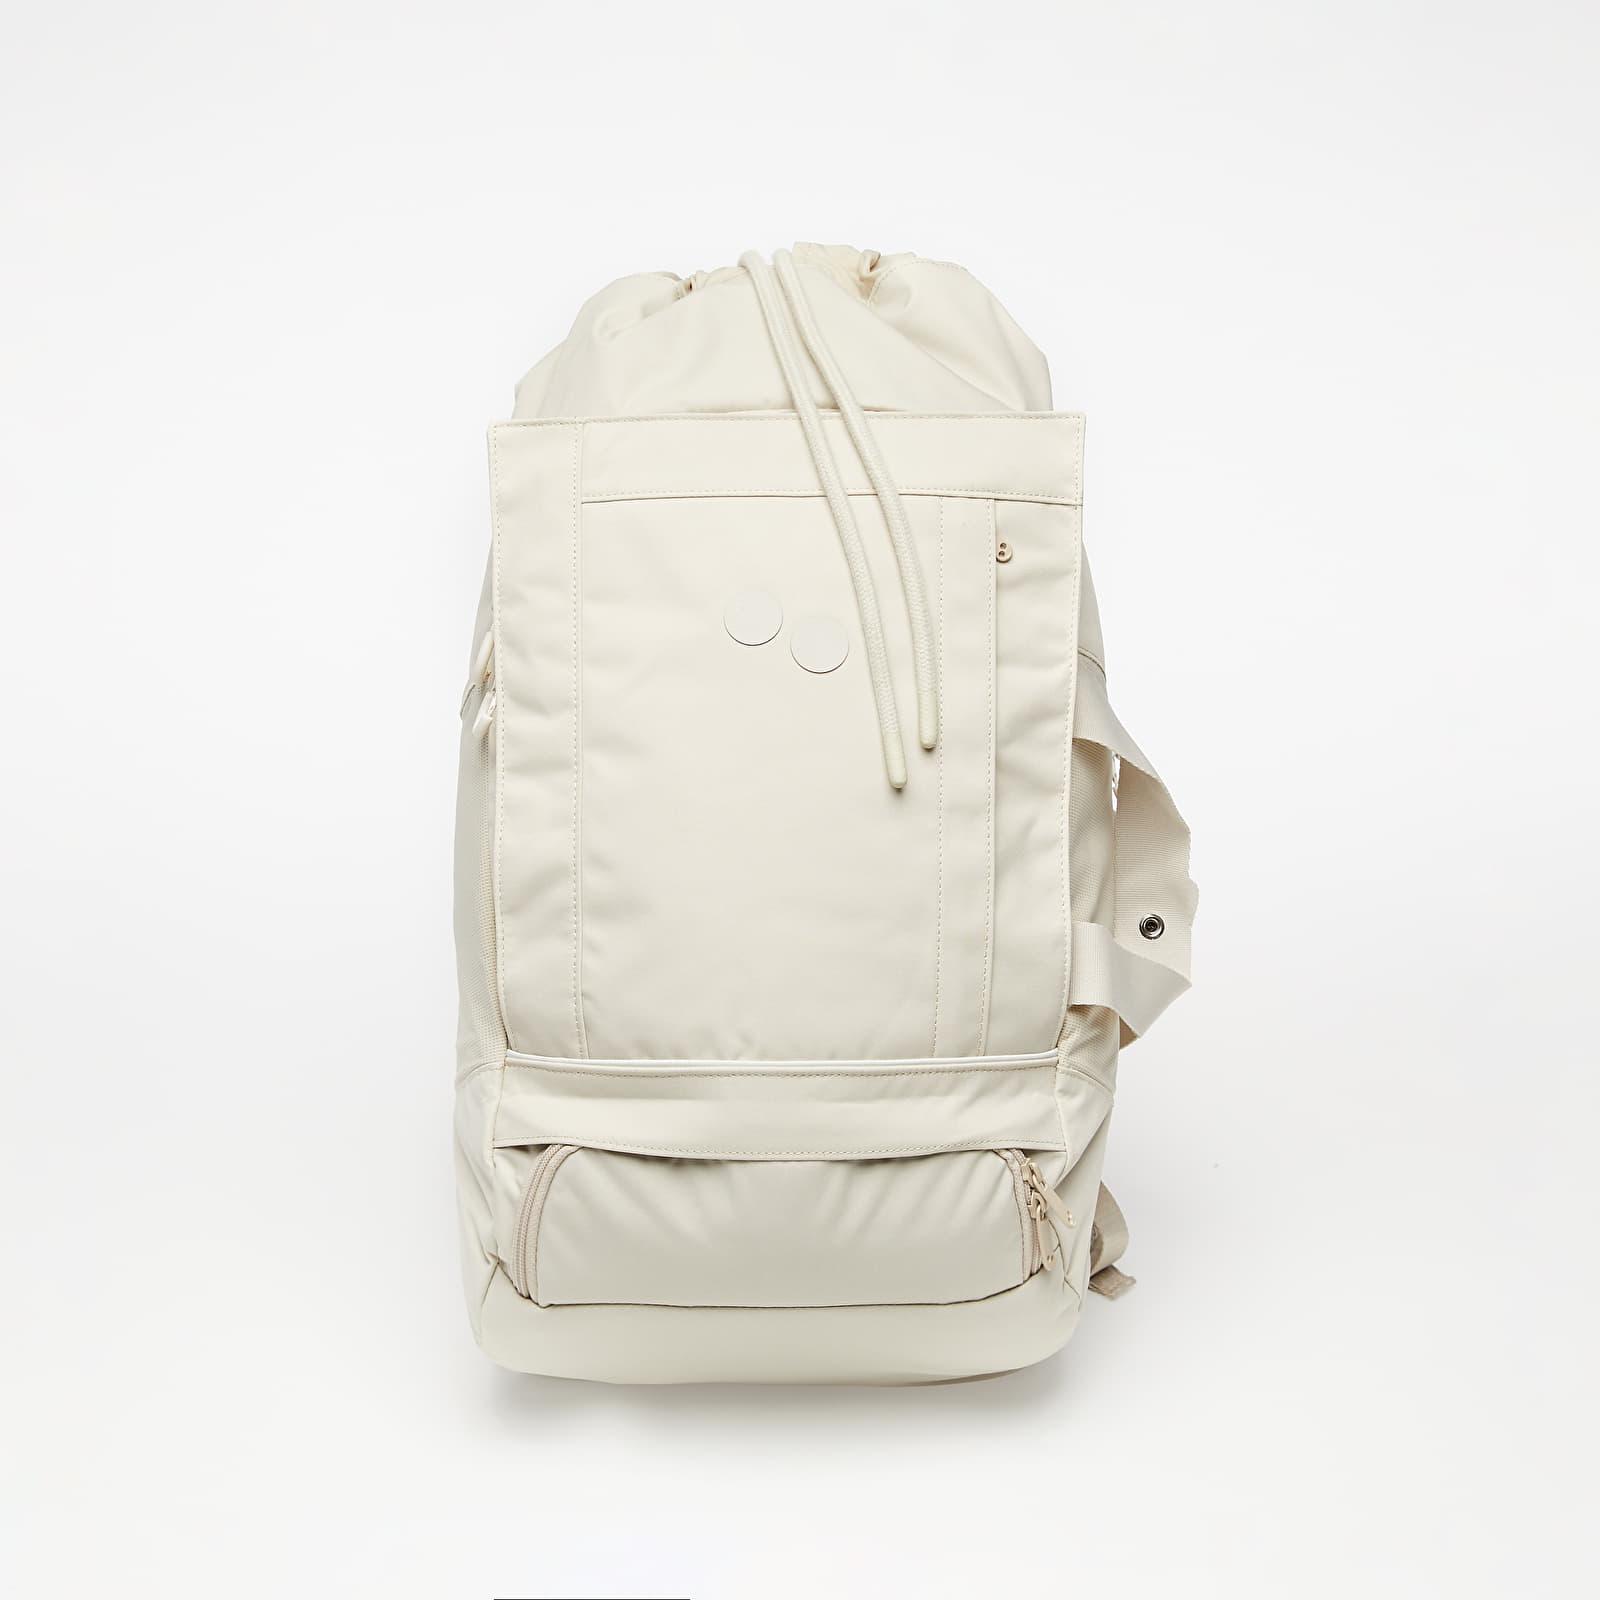 Sacs à dos pinqponq Blok Medium Backpack Cliff Beige